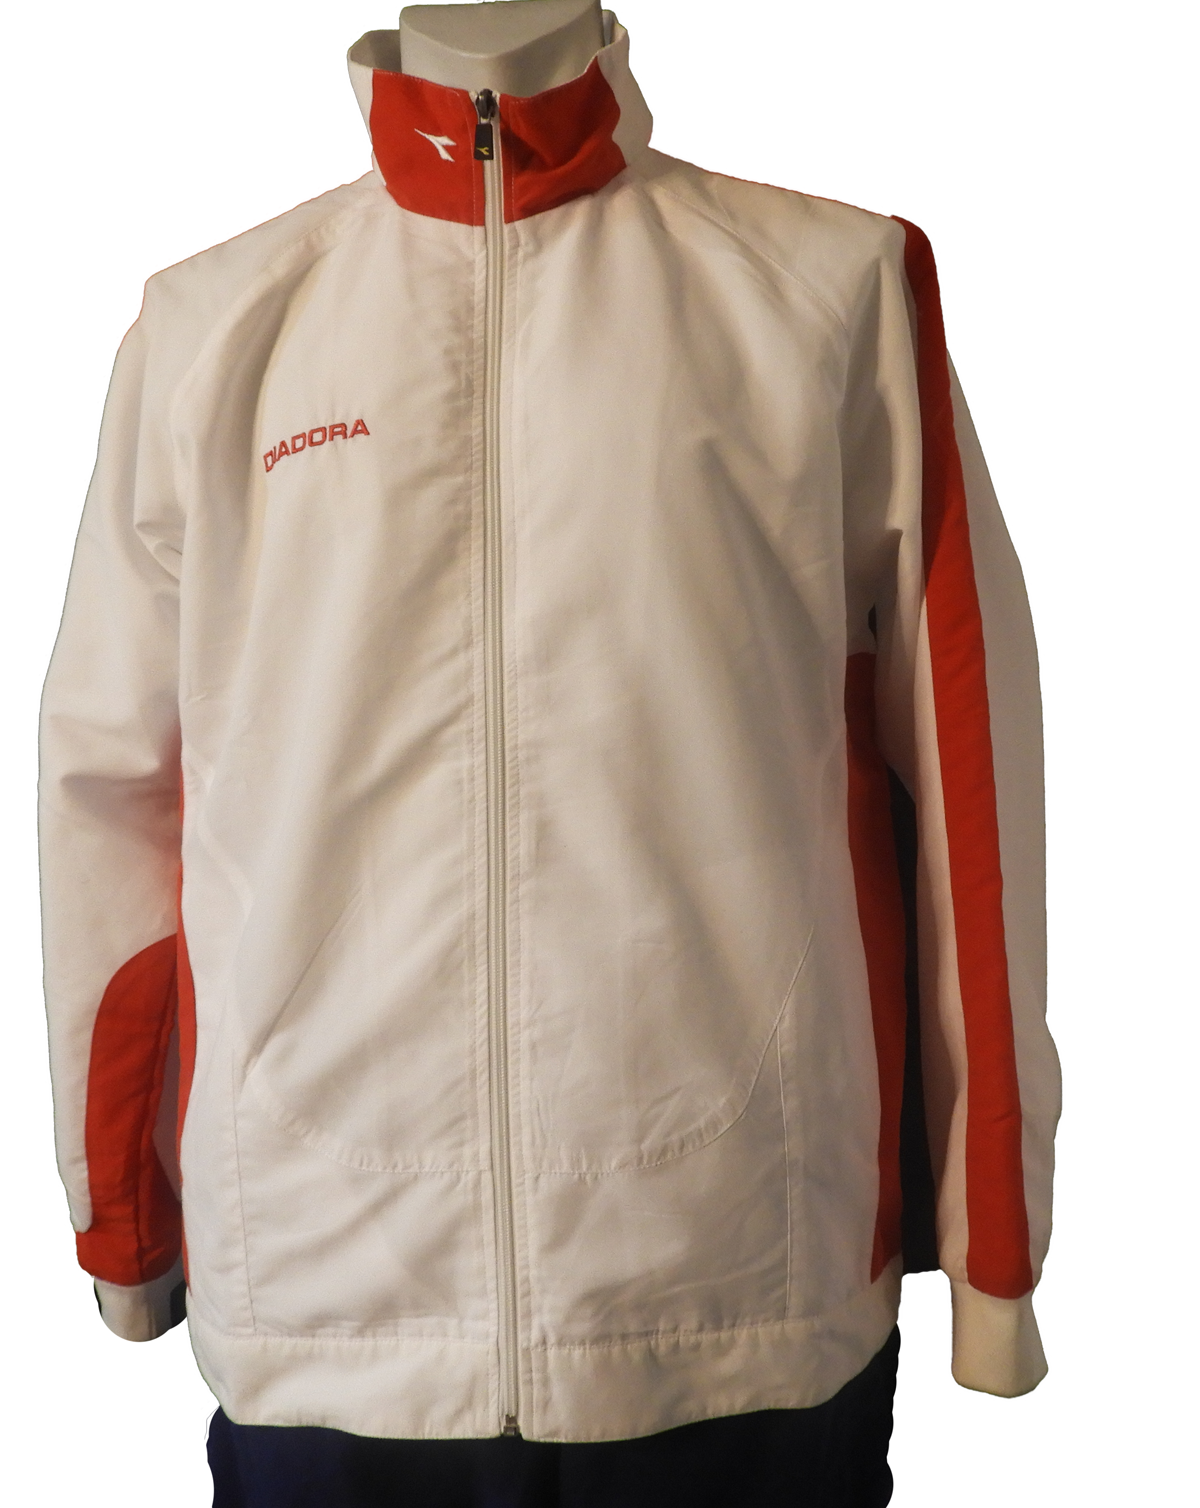 Diadora Präsentationsanzug - Men Trainingsanzug - Tennisanzug Tennisanzug Tennisanzug - Größe XL - 2666 99b633